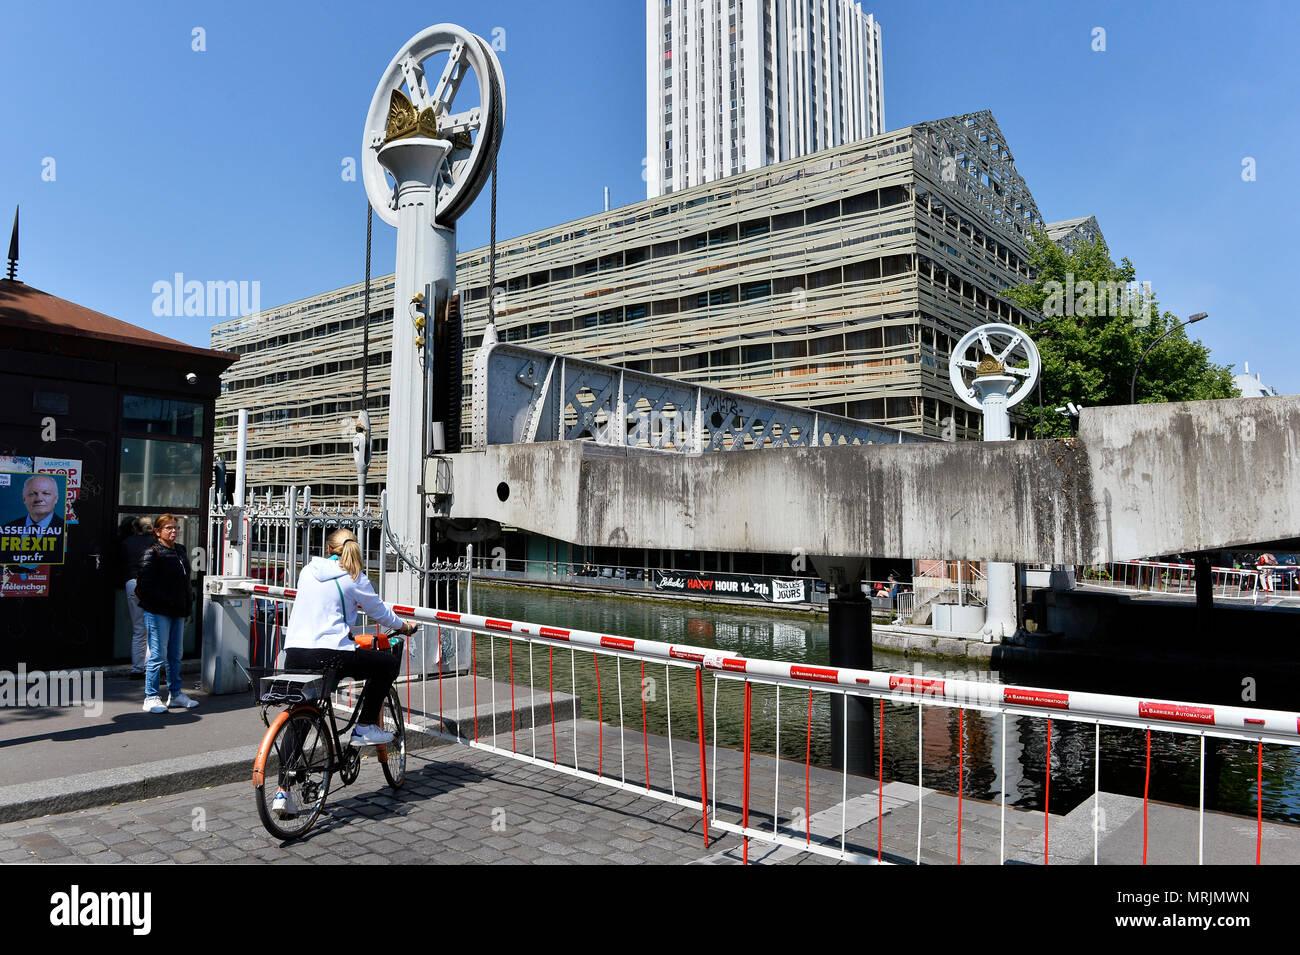 Lift Bridge - Rue de Crimée - Paris - France - Stock Image